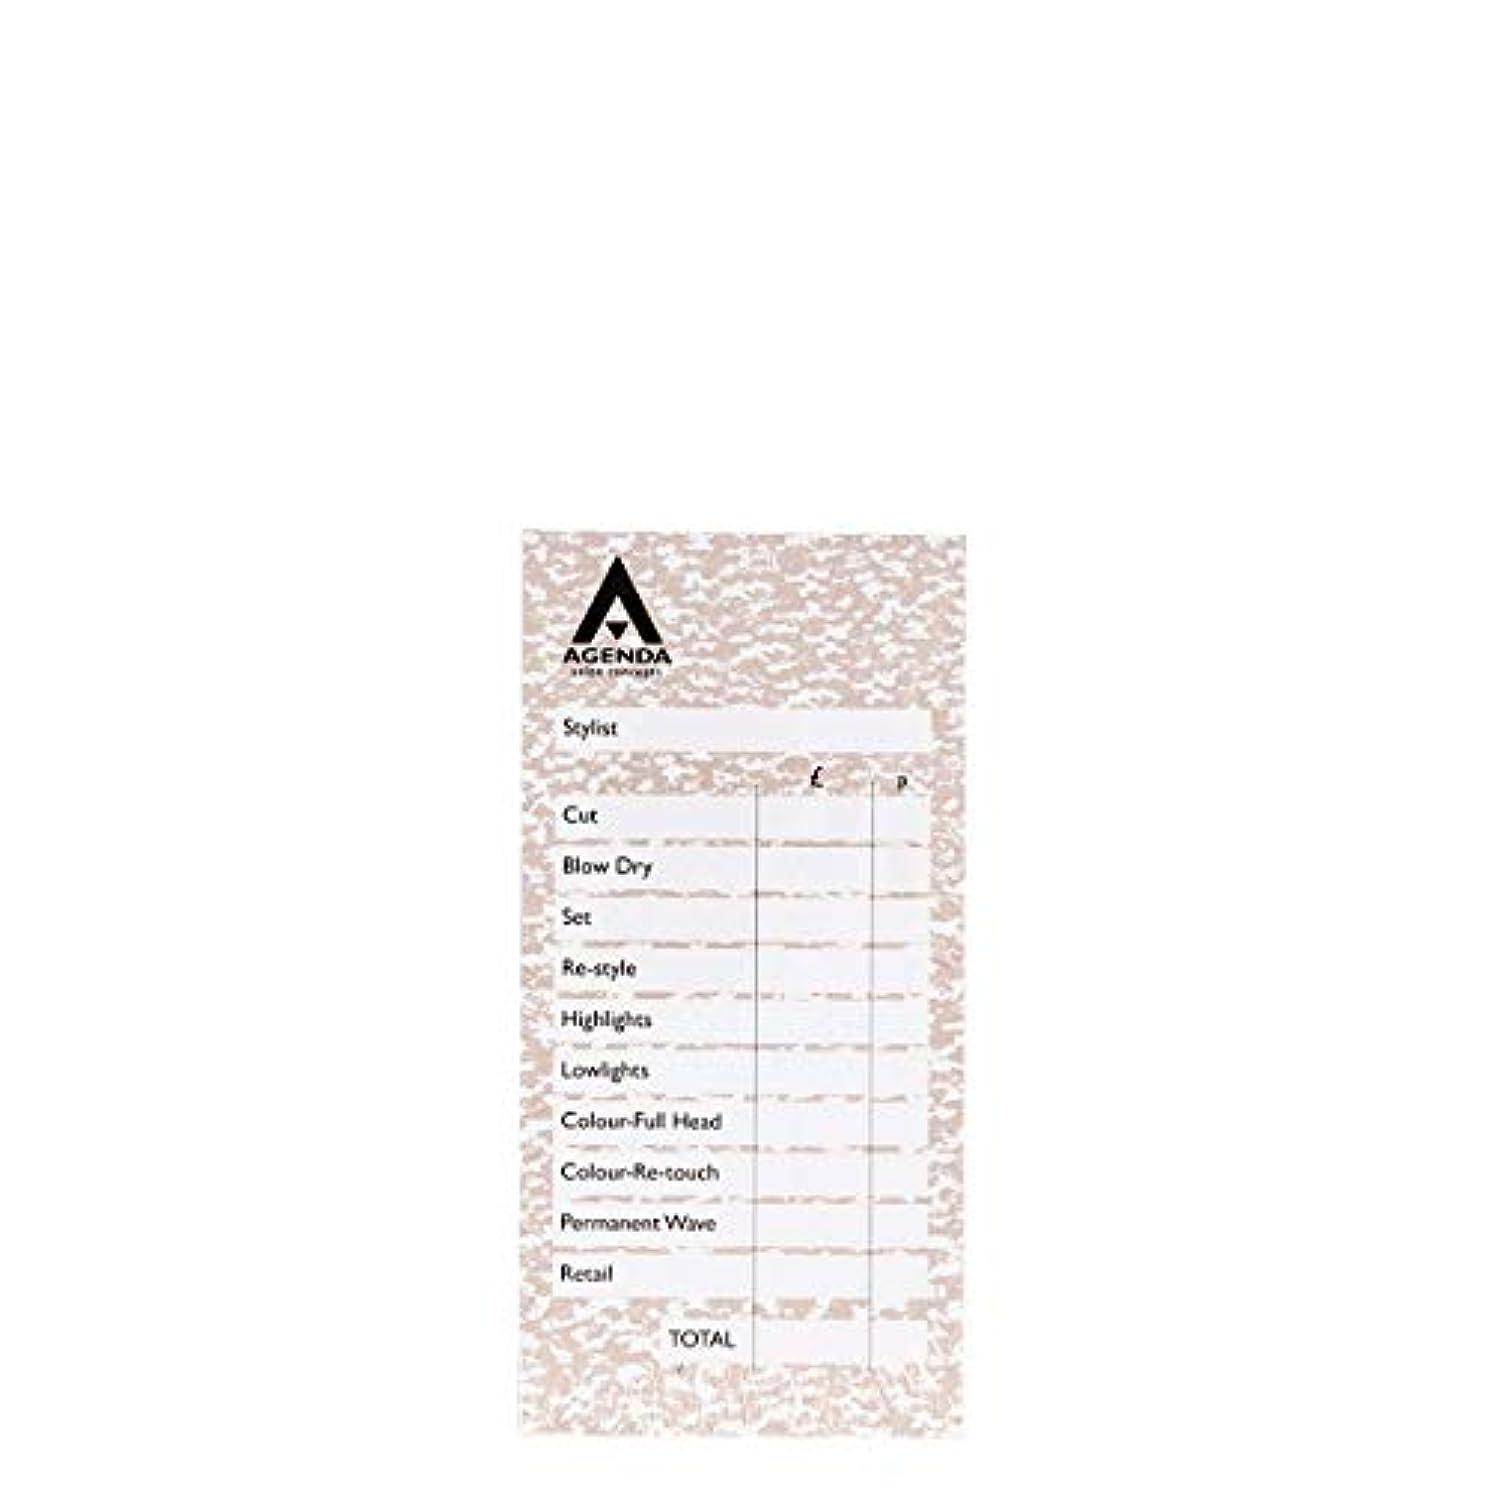 イル会社兄アジェンダ サロンコンセプト チェックパッドベージュ6x100リーフ[海外直送品] [並行輸入品]